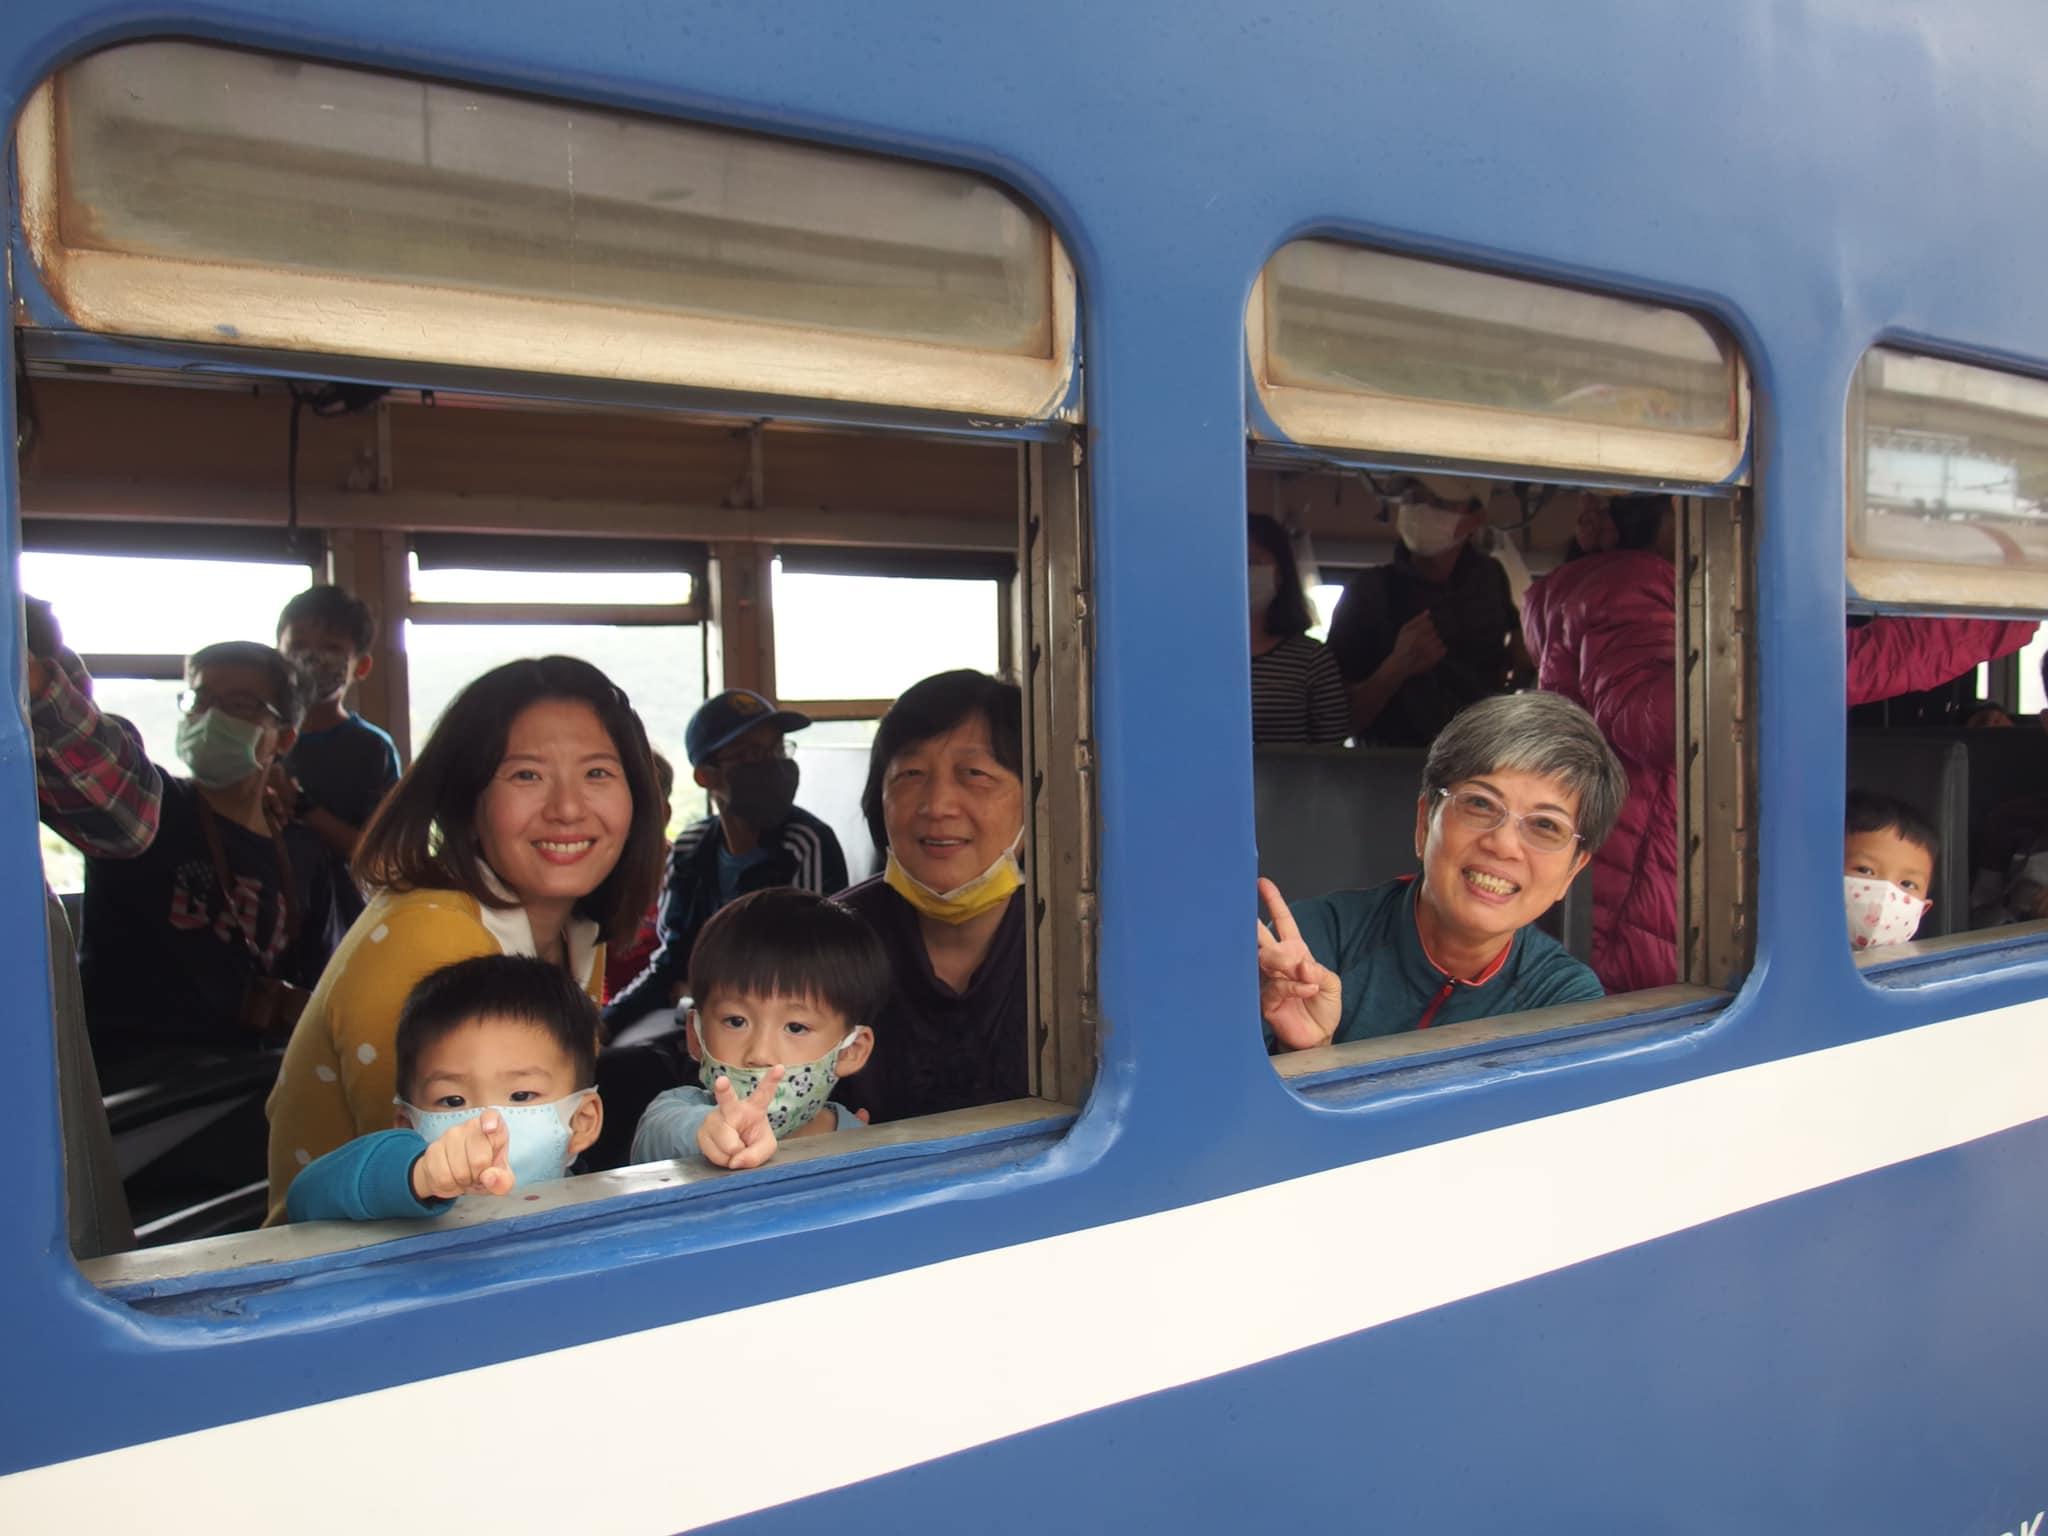 壬壤擔任領隊,帶同事跟同事眷屬參加南迴鐵路之旅。